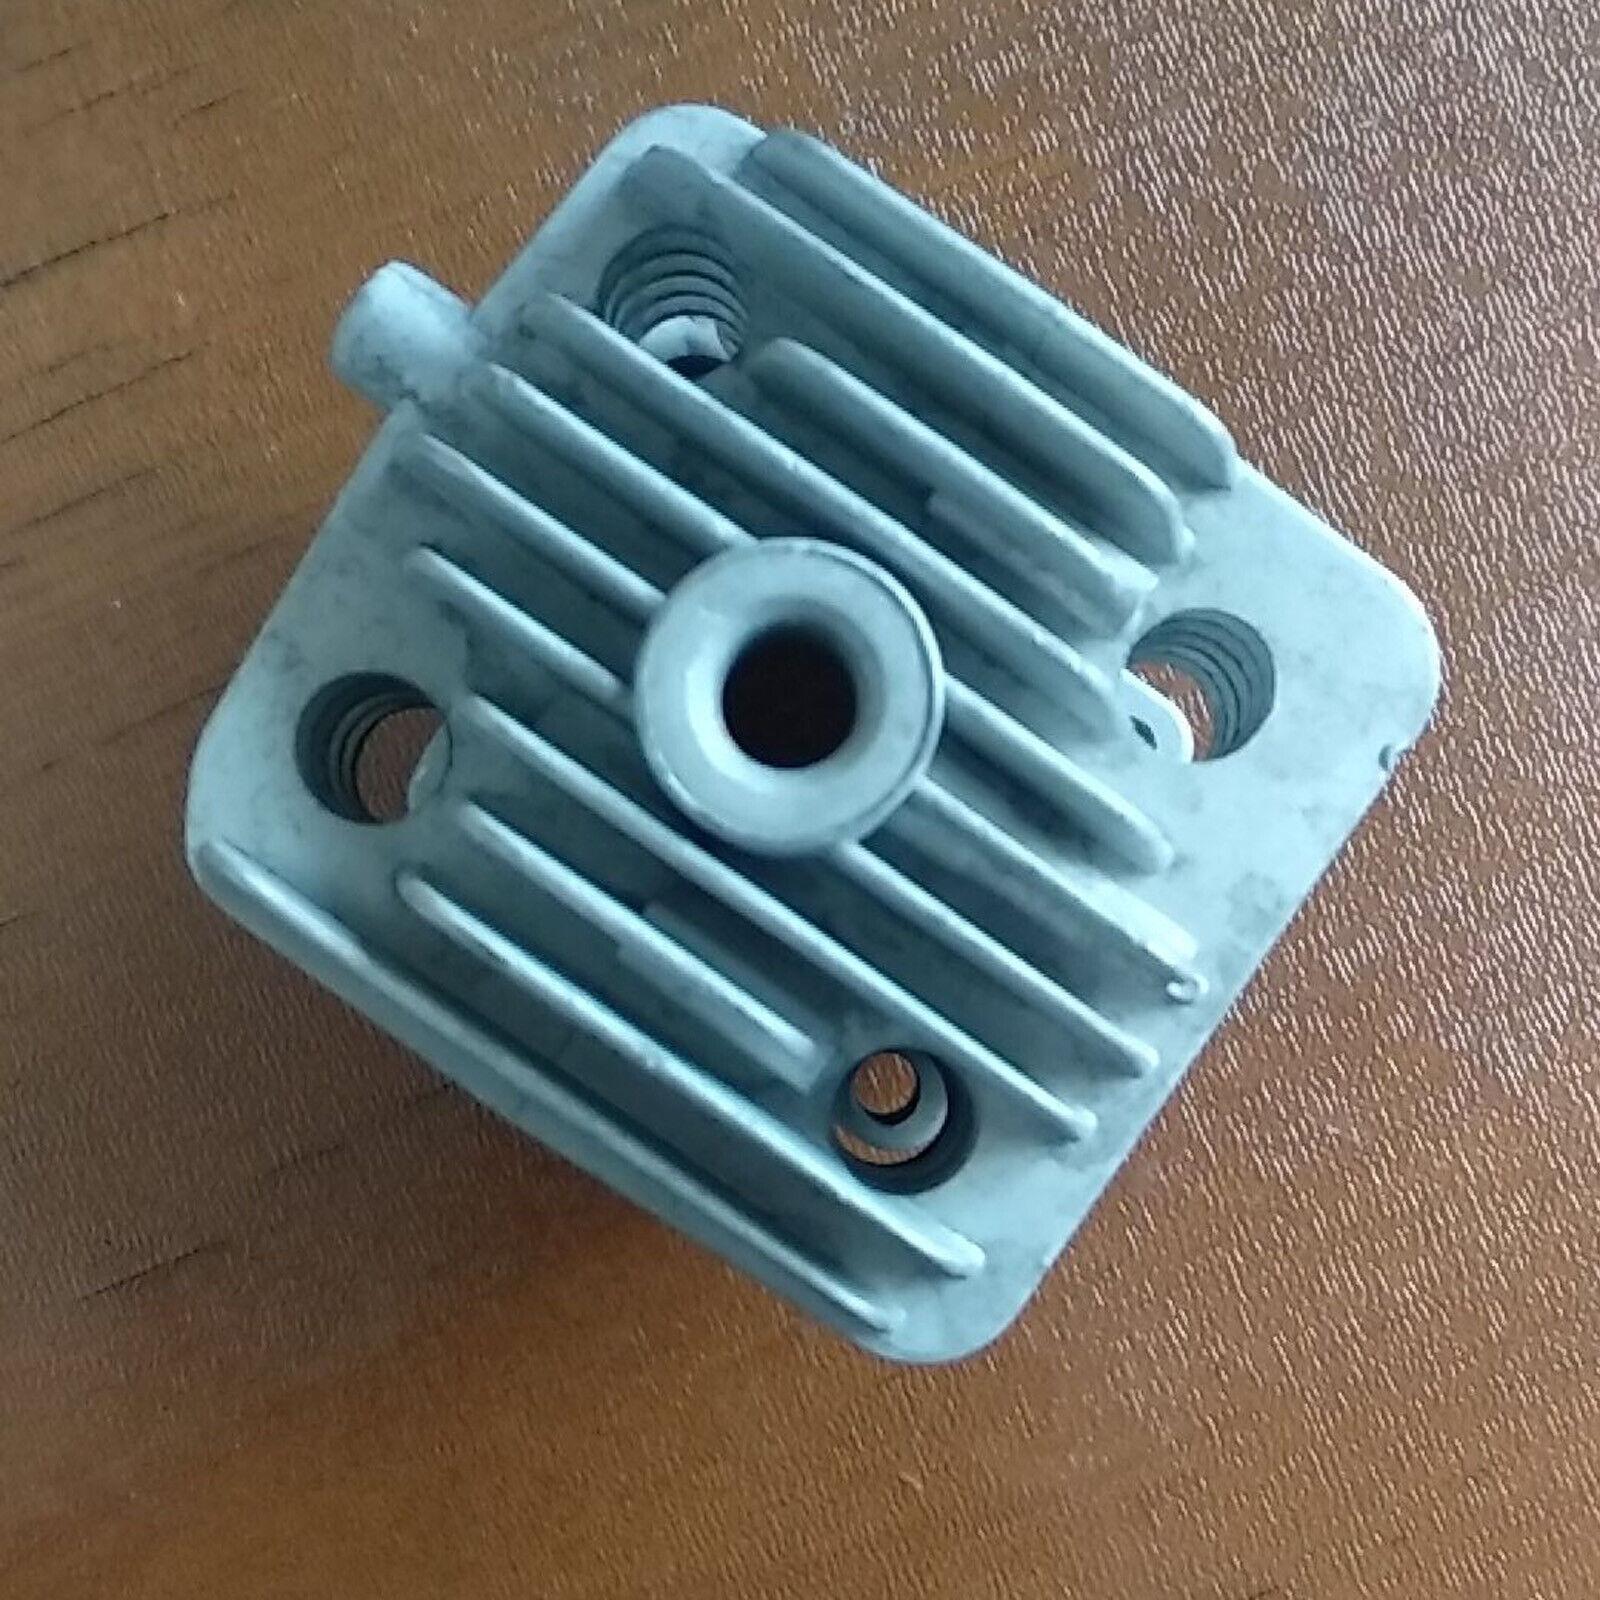 35cc cylinder cylinder cylinder for hpi rovan KM baja 5b 5t engine 8e54f4